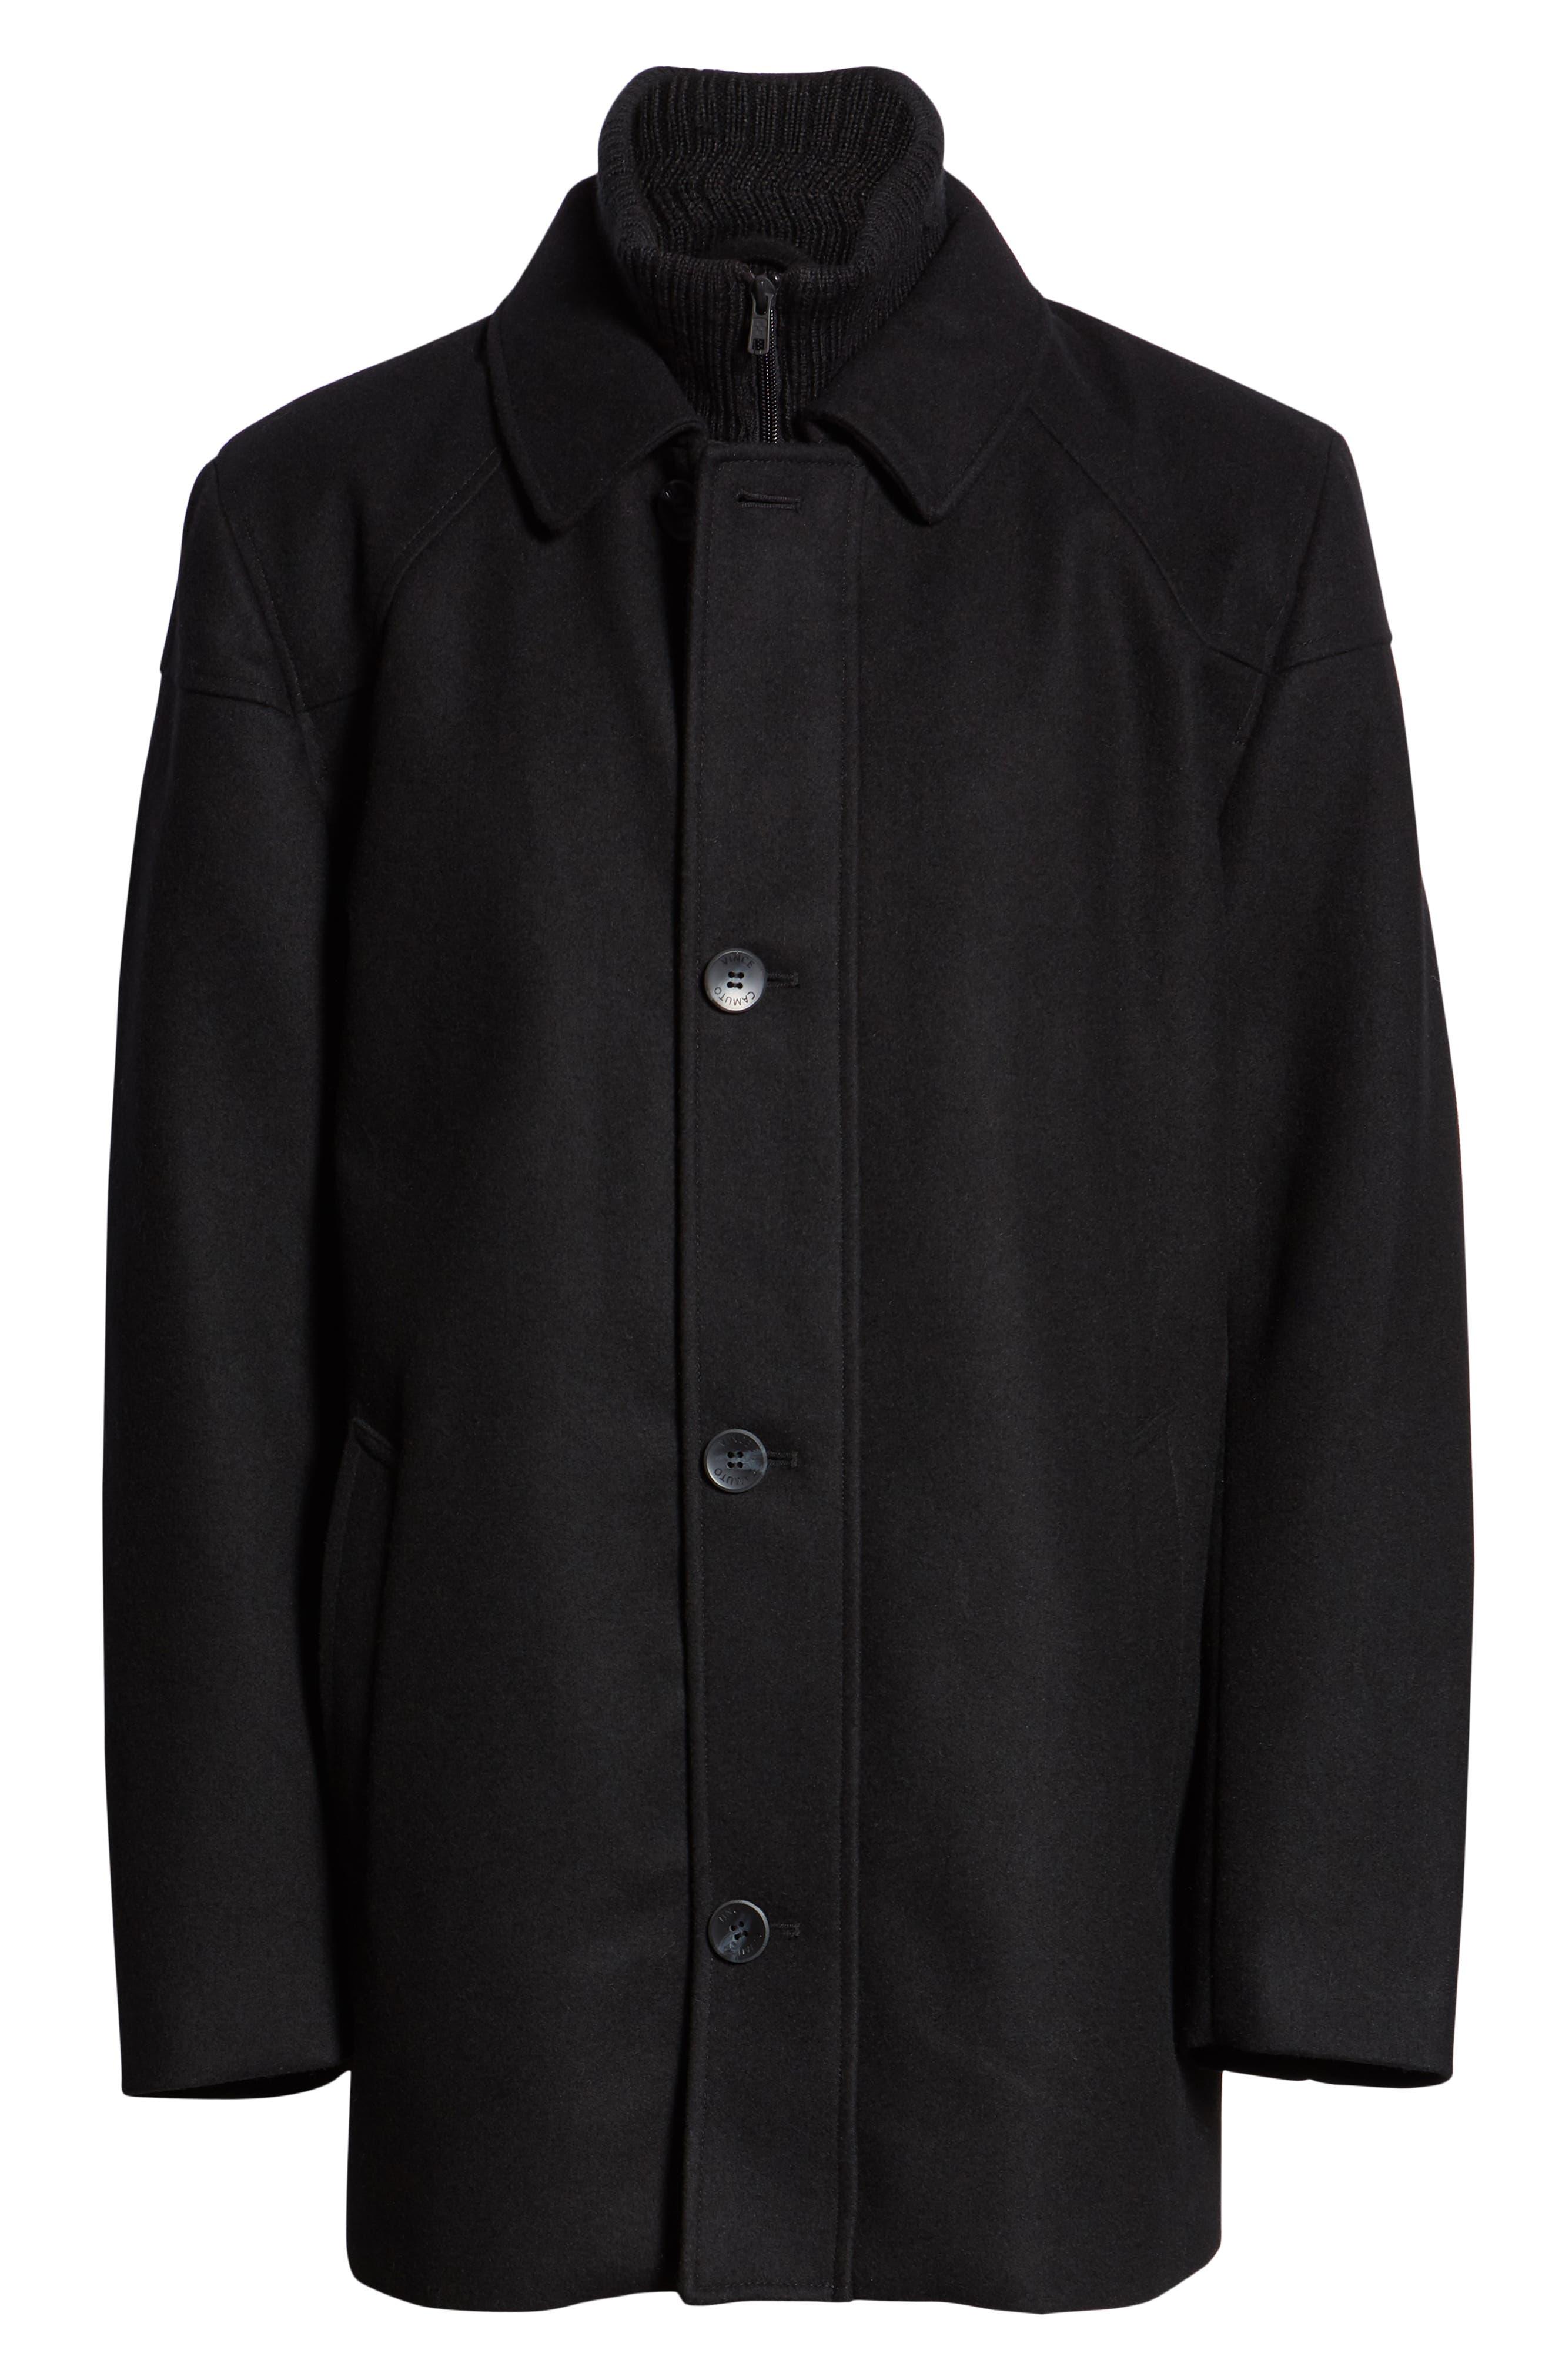 Melton Car Coat with Removable Bib,                             Alternate thumbnail 6, color,                             BLACK